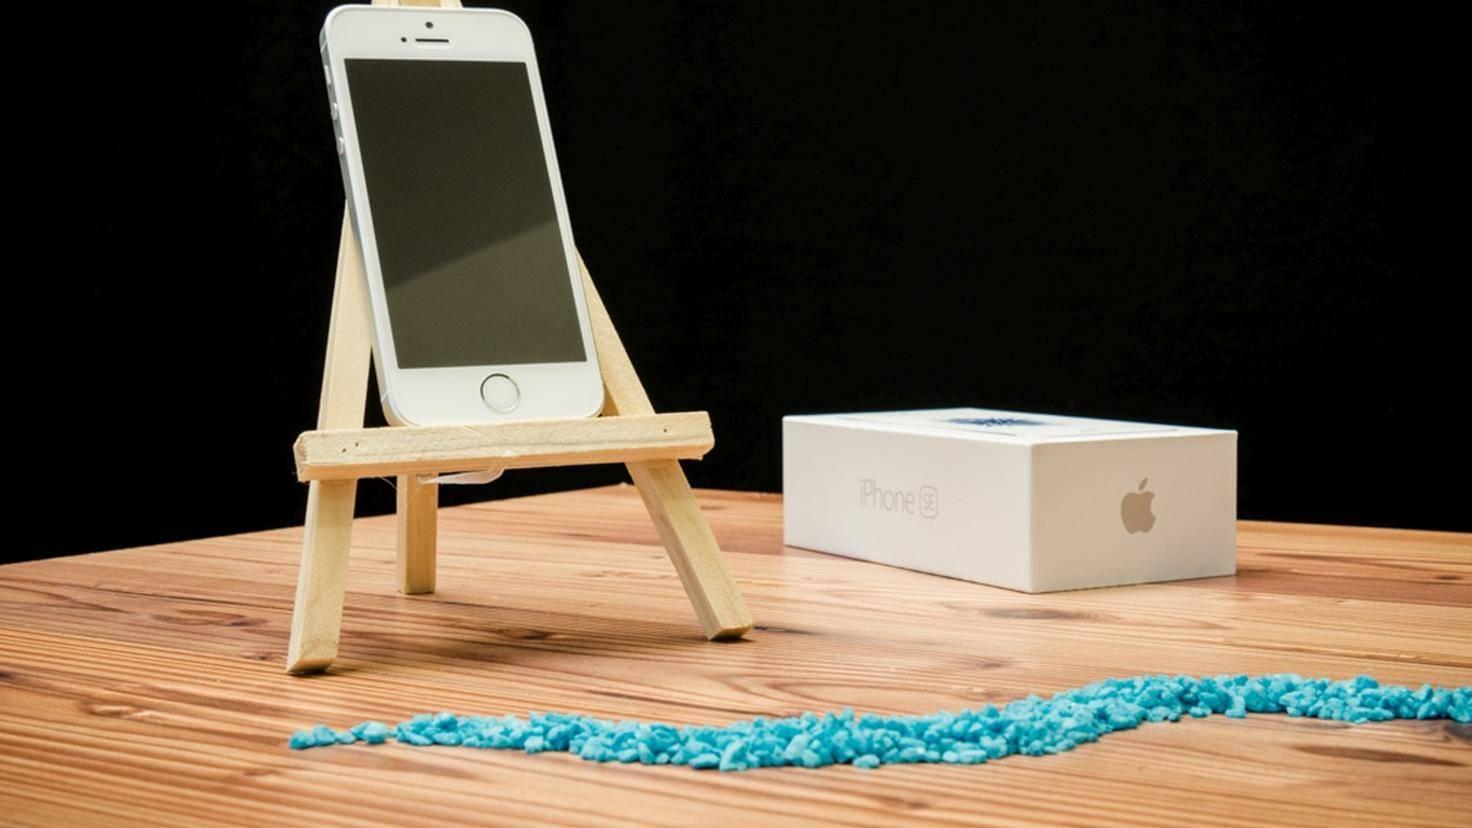 Apple iPhone SE TURN ON